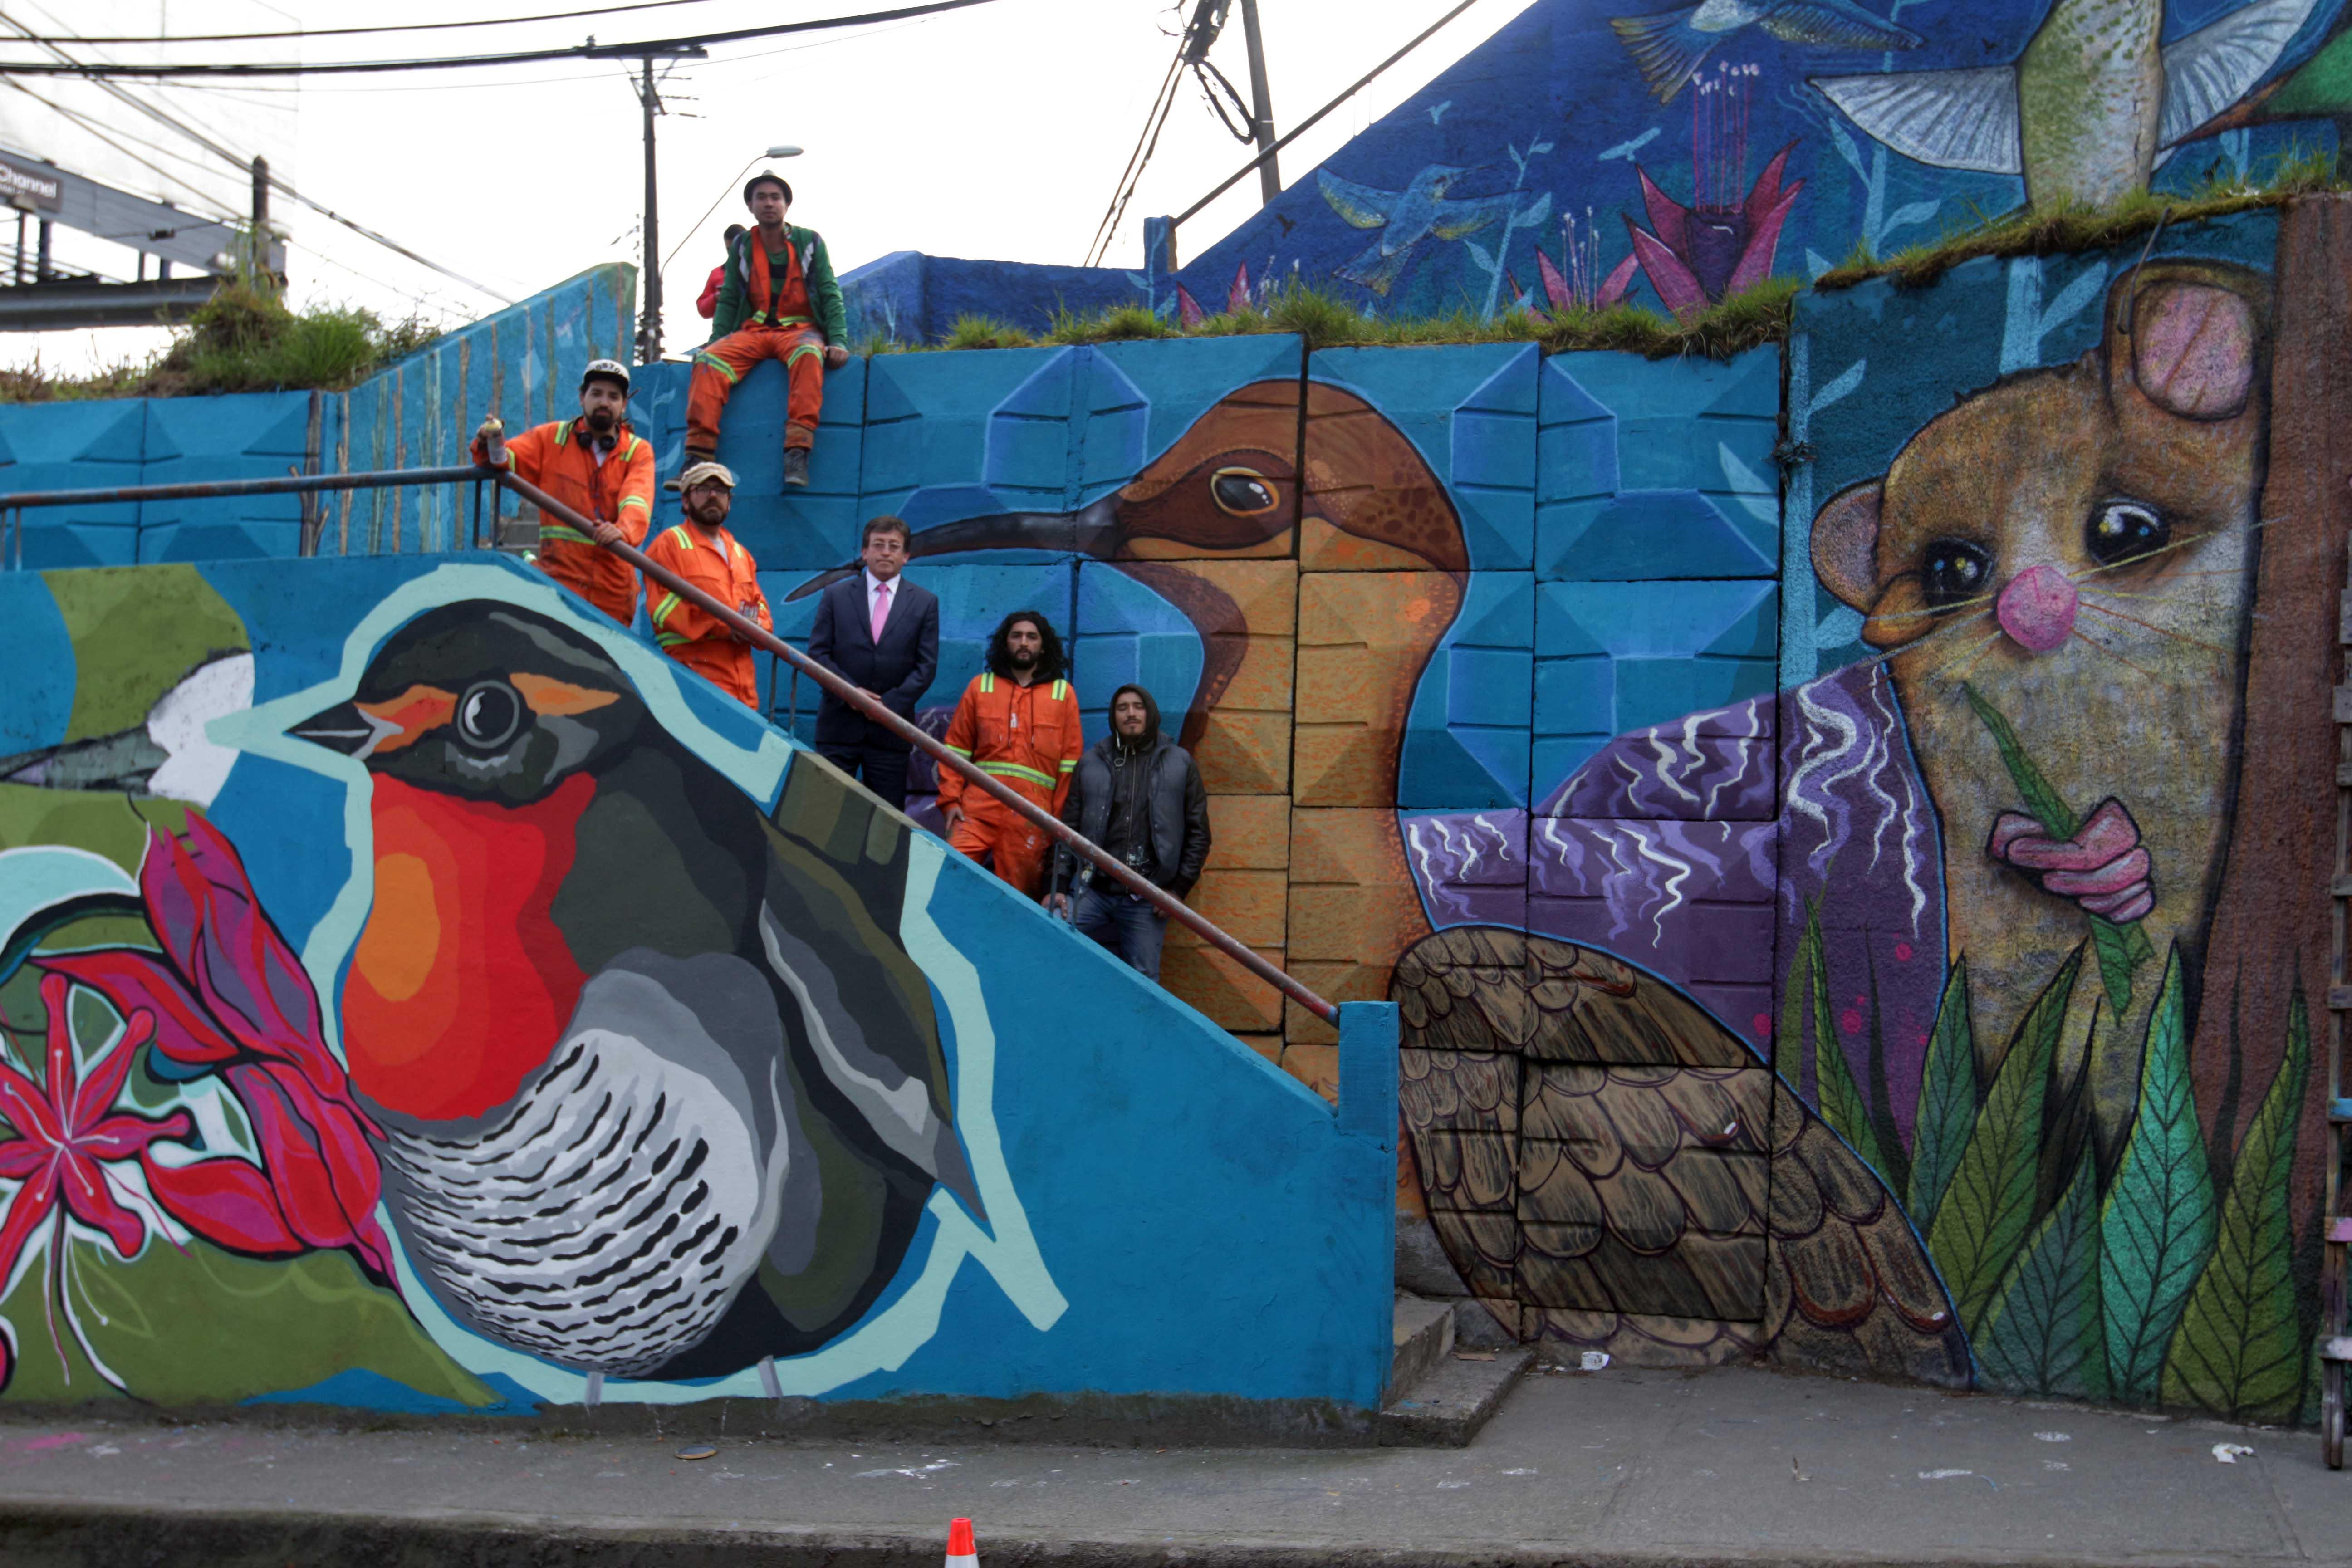 Nuevo mural colectivo de avenida salvador allende puerto for Definicion de pintura mural